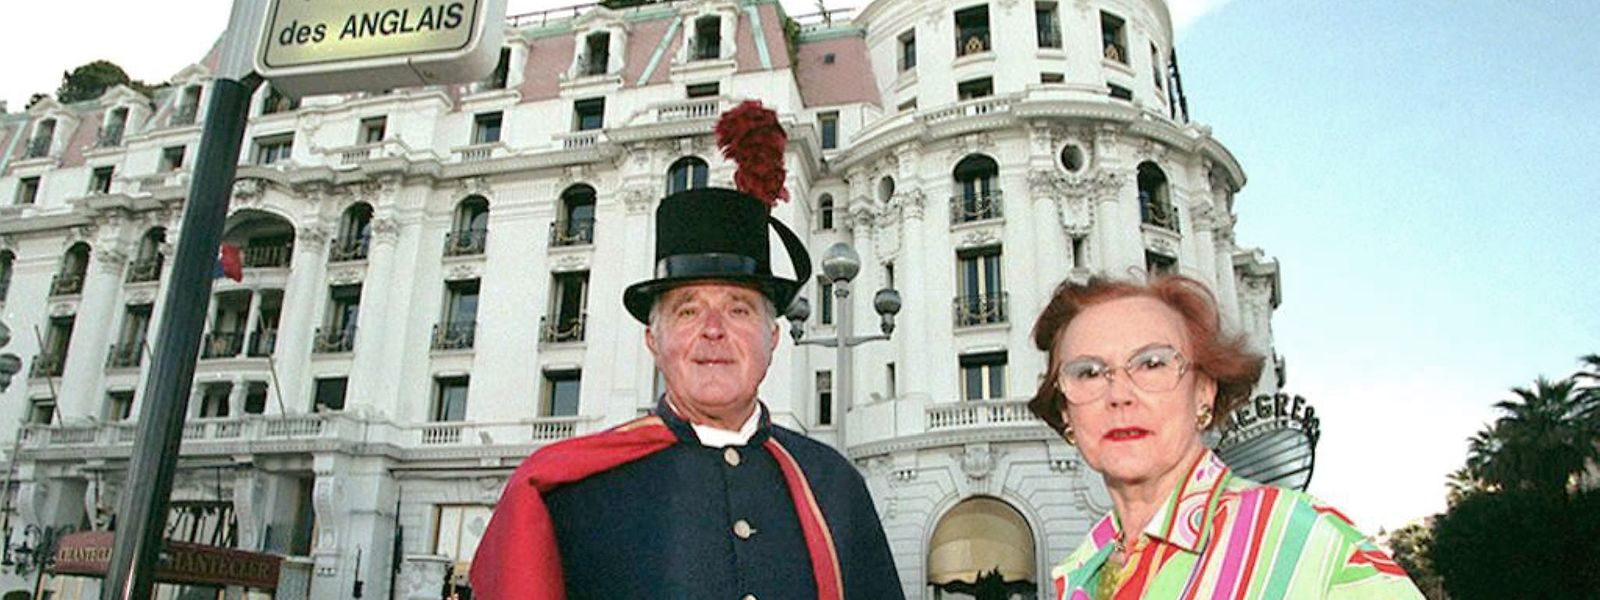 """1997: Jeanne Augier, die Besitzerin des Hotel-Palasts """"Negresco"""" steht zusammen mit einem Hotelpagen vor ihrem Hotel."""